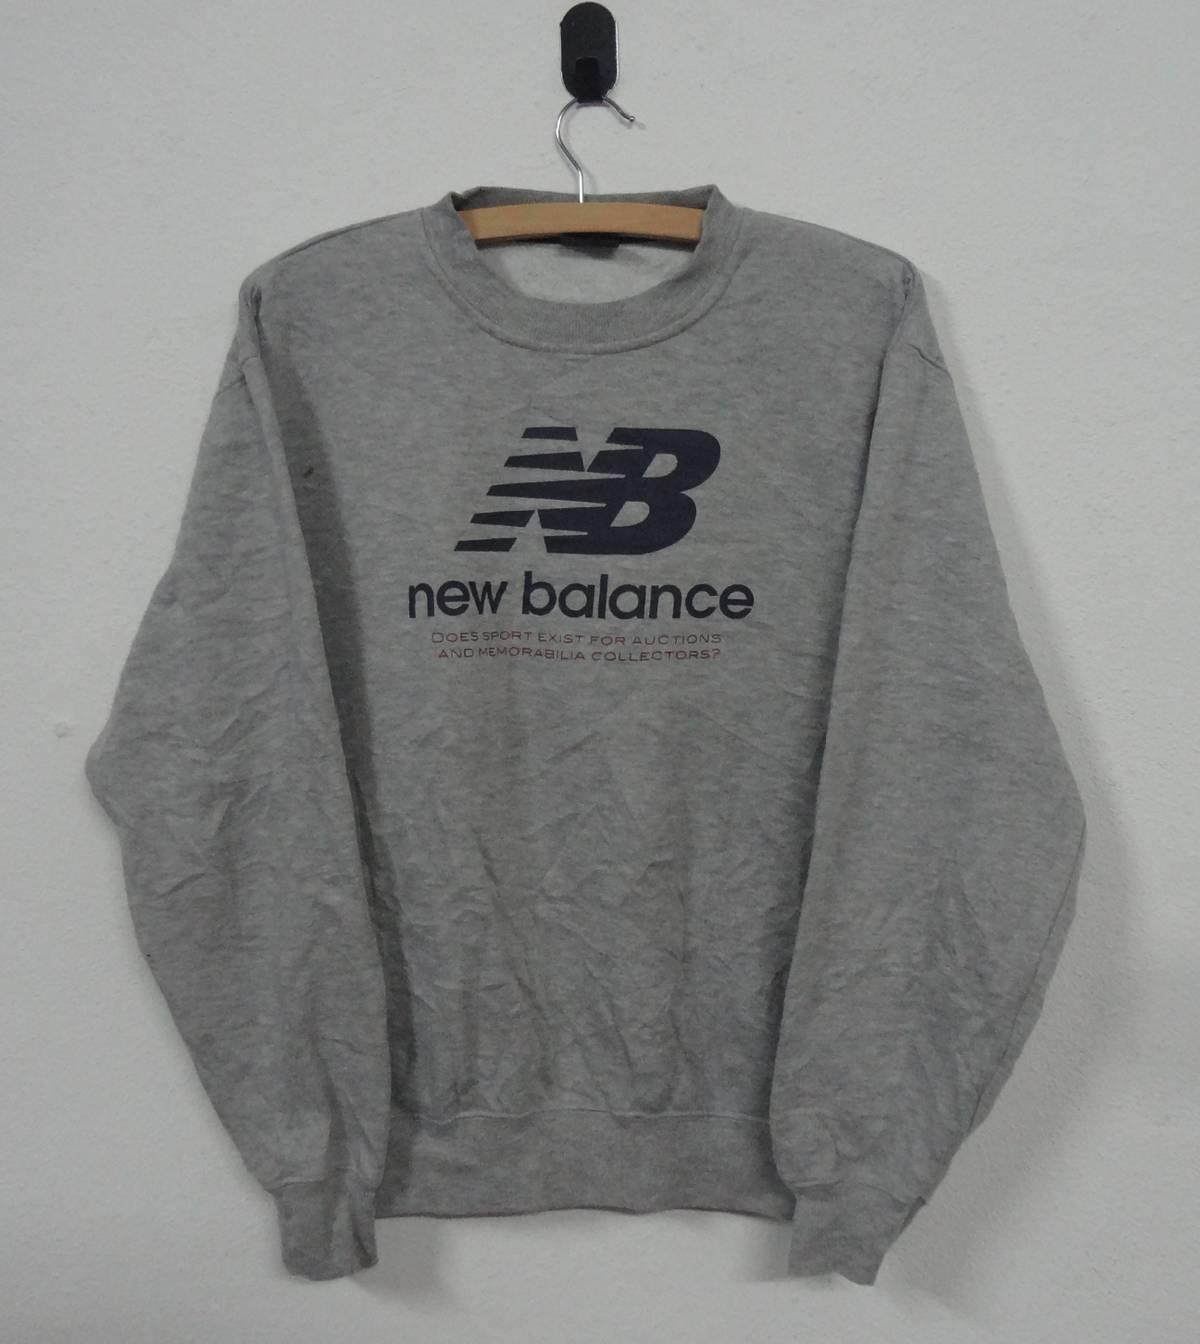 90's New Balance Sweatshirt Gray NB Jumper Pullover Medium Size RQJ8IA2K